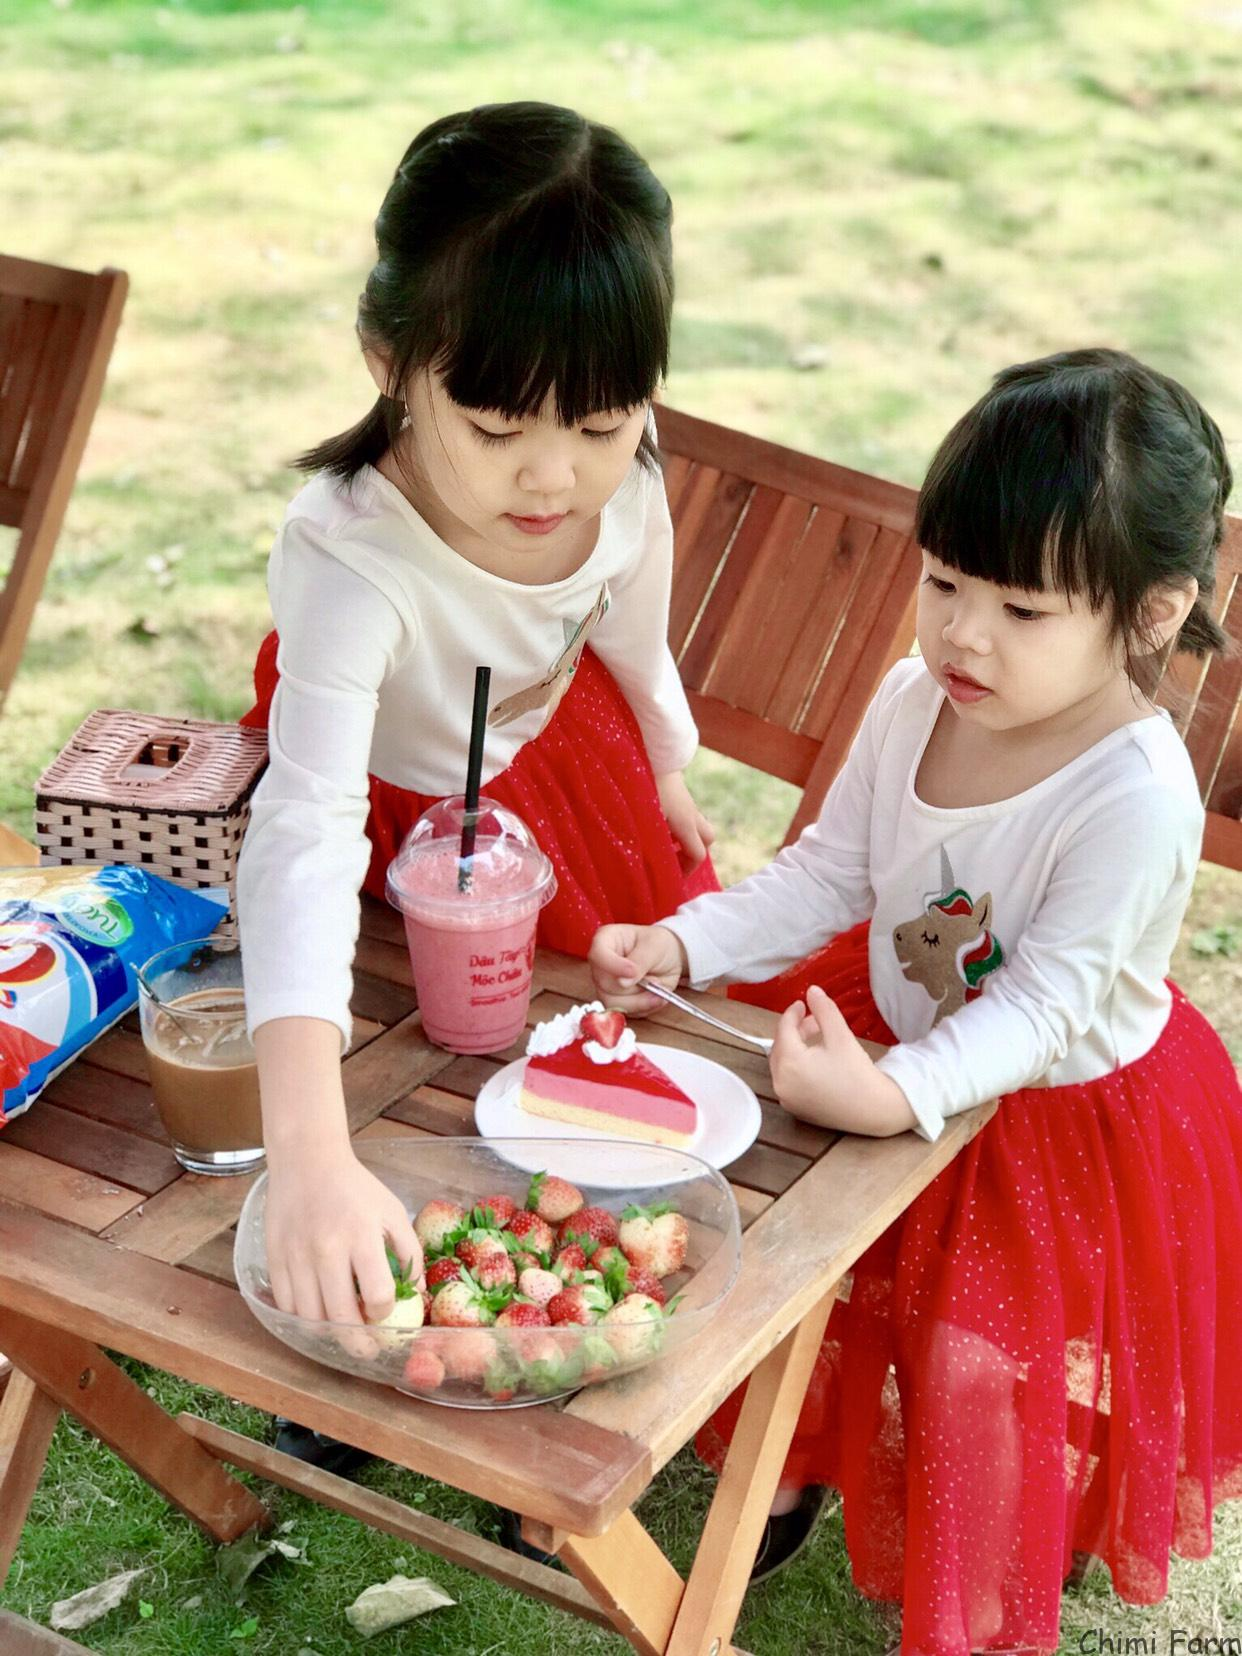 Các bé rất mê các sản phẩm dâu tây của Chimi Farm